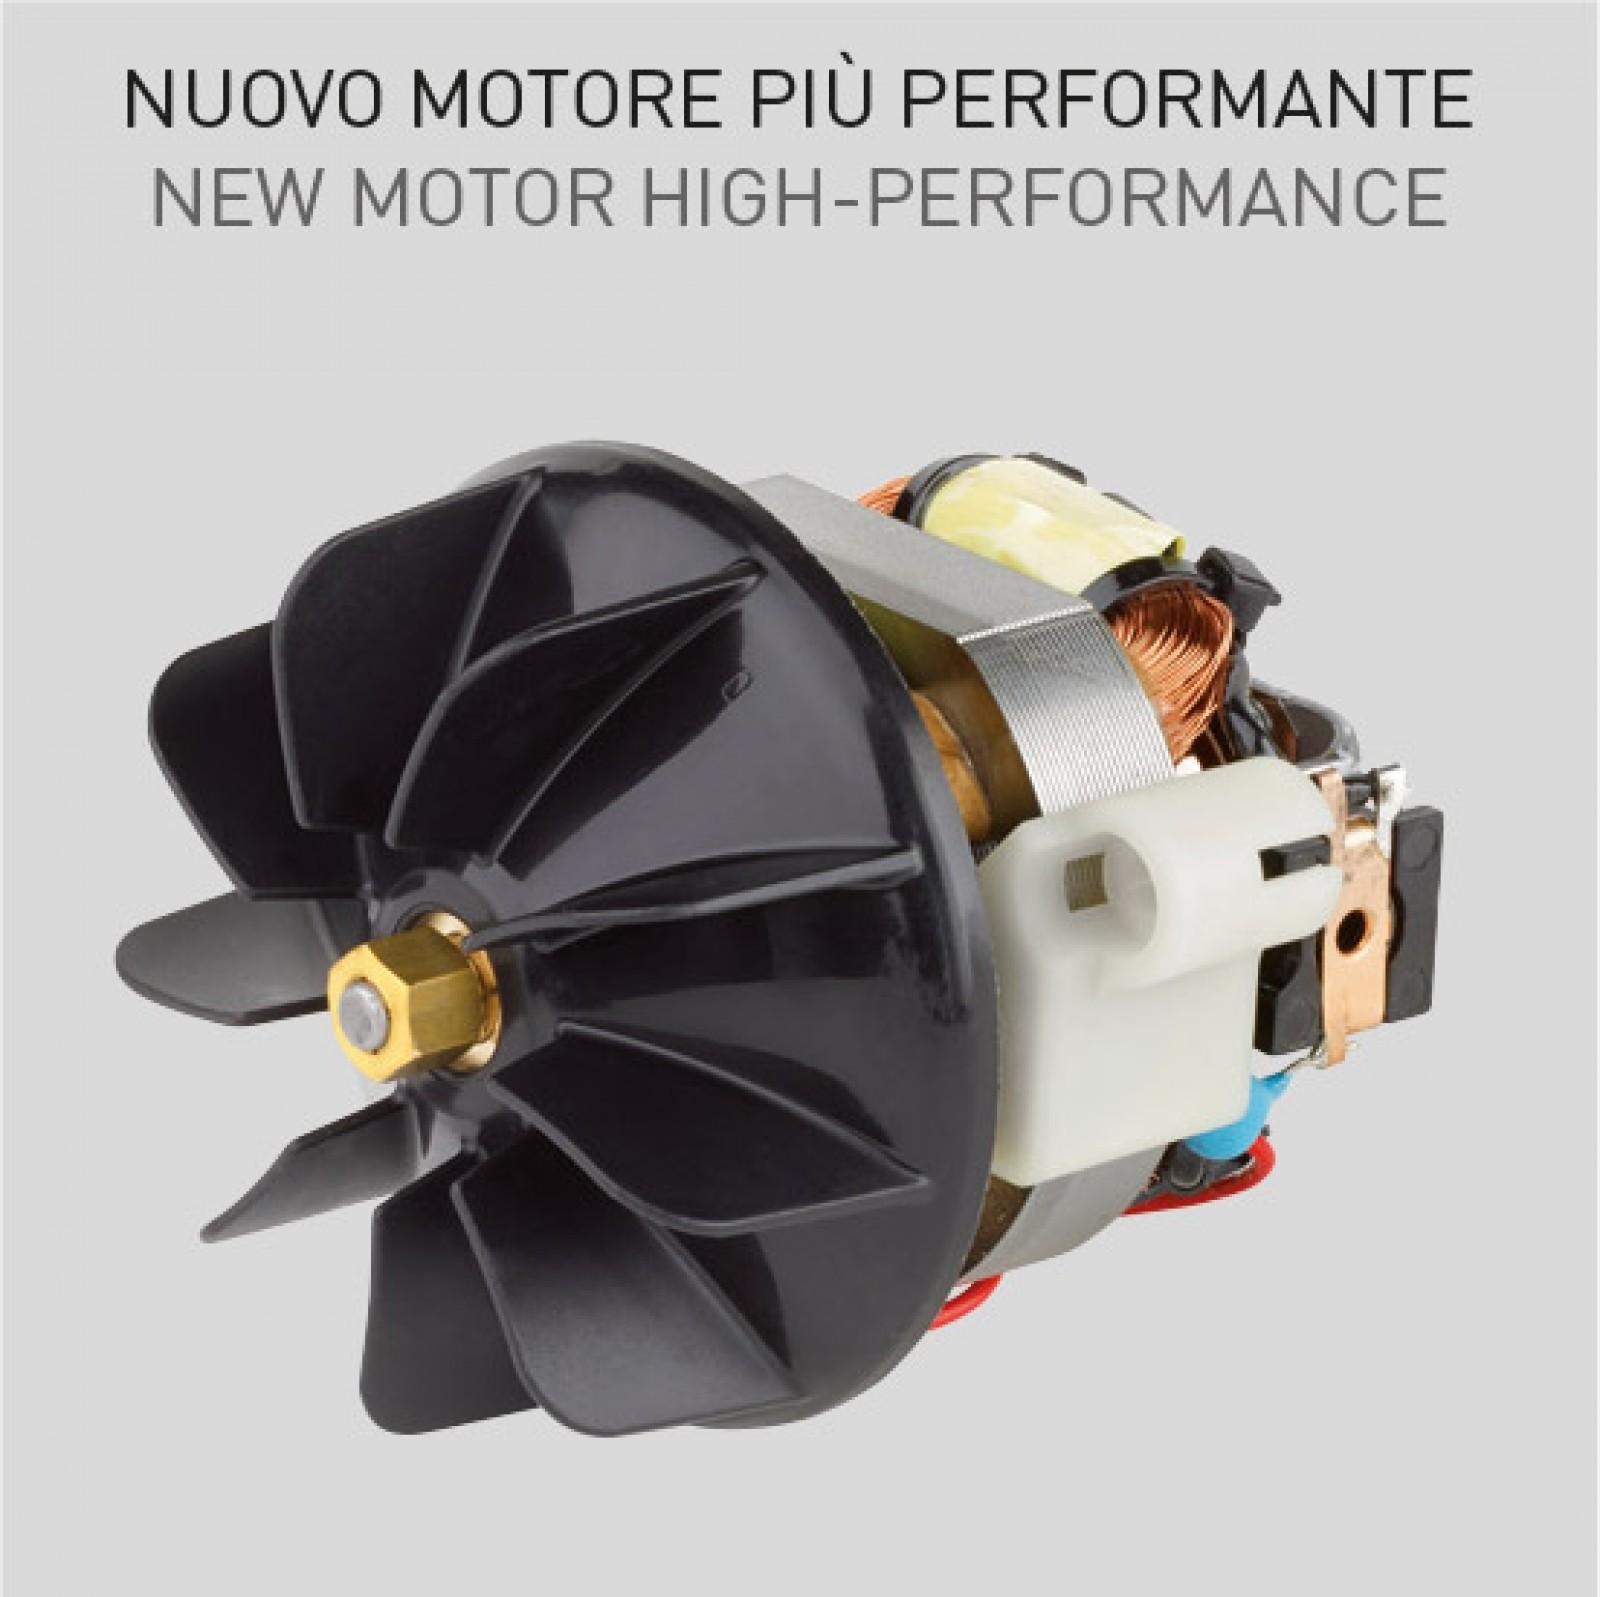 Nouveau moteur plus performant